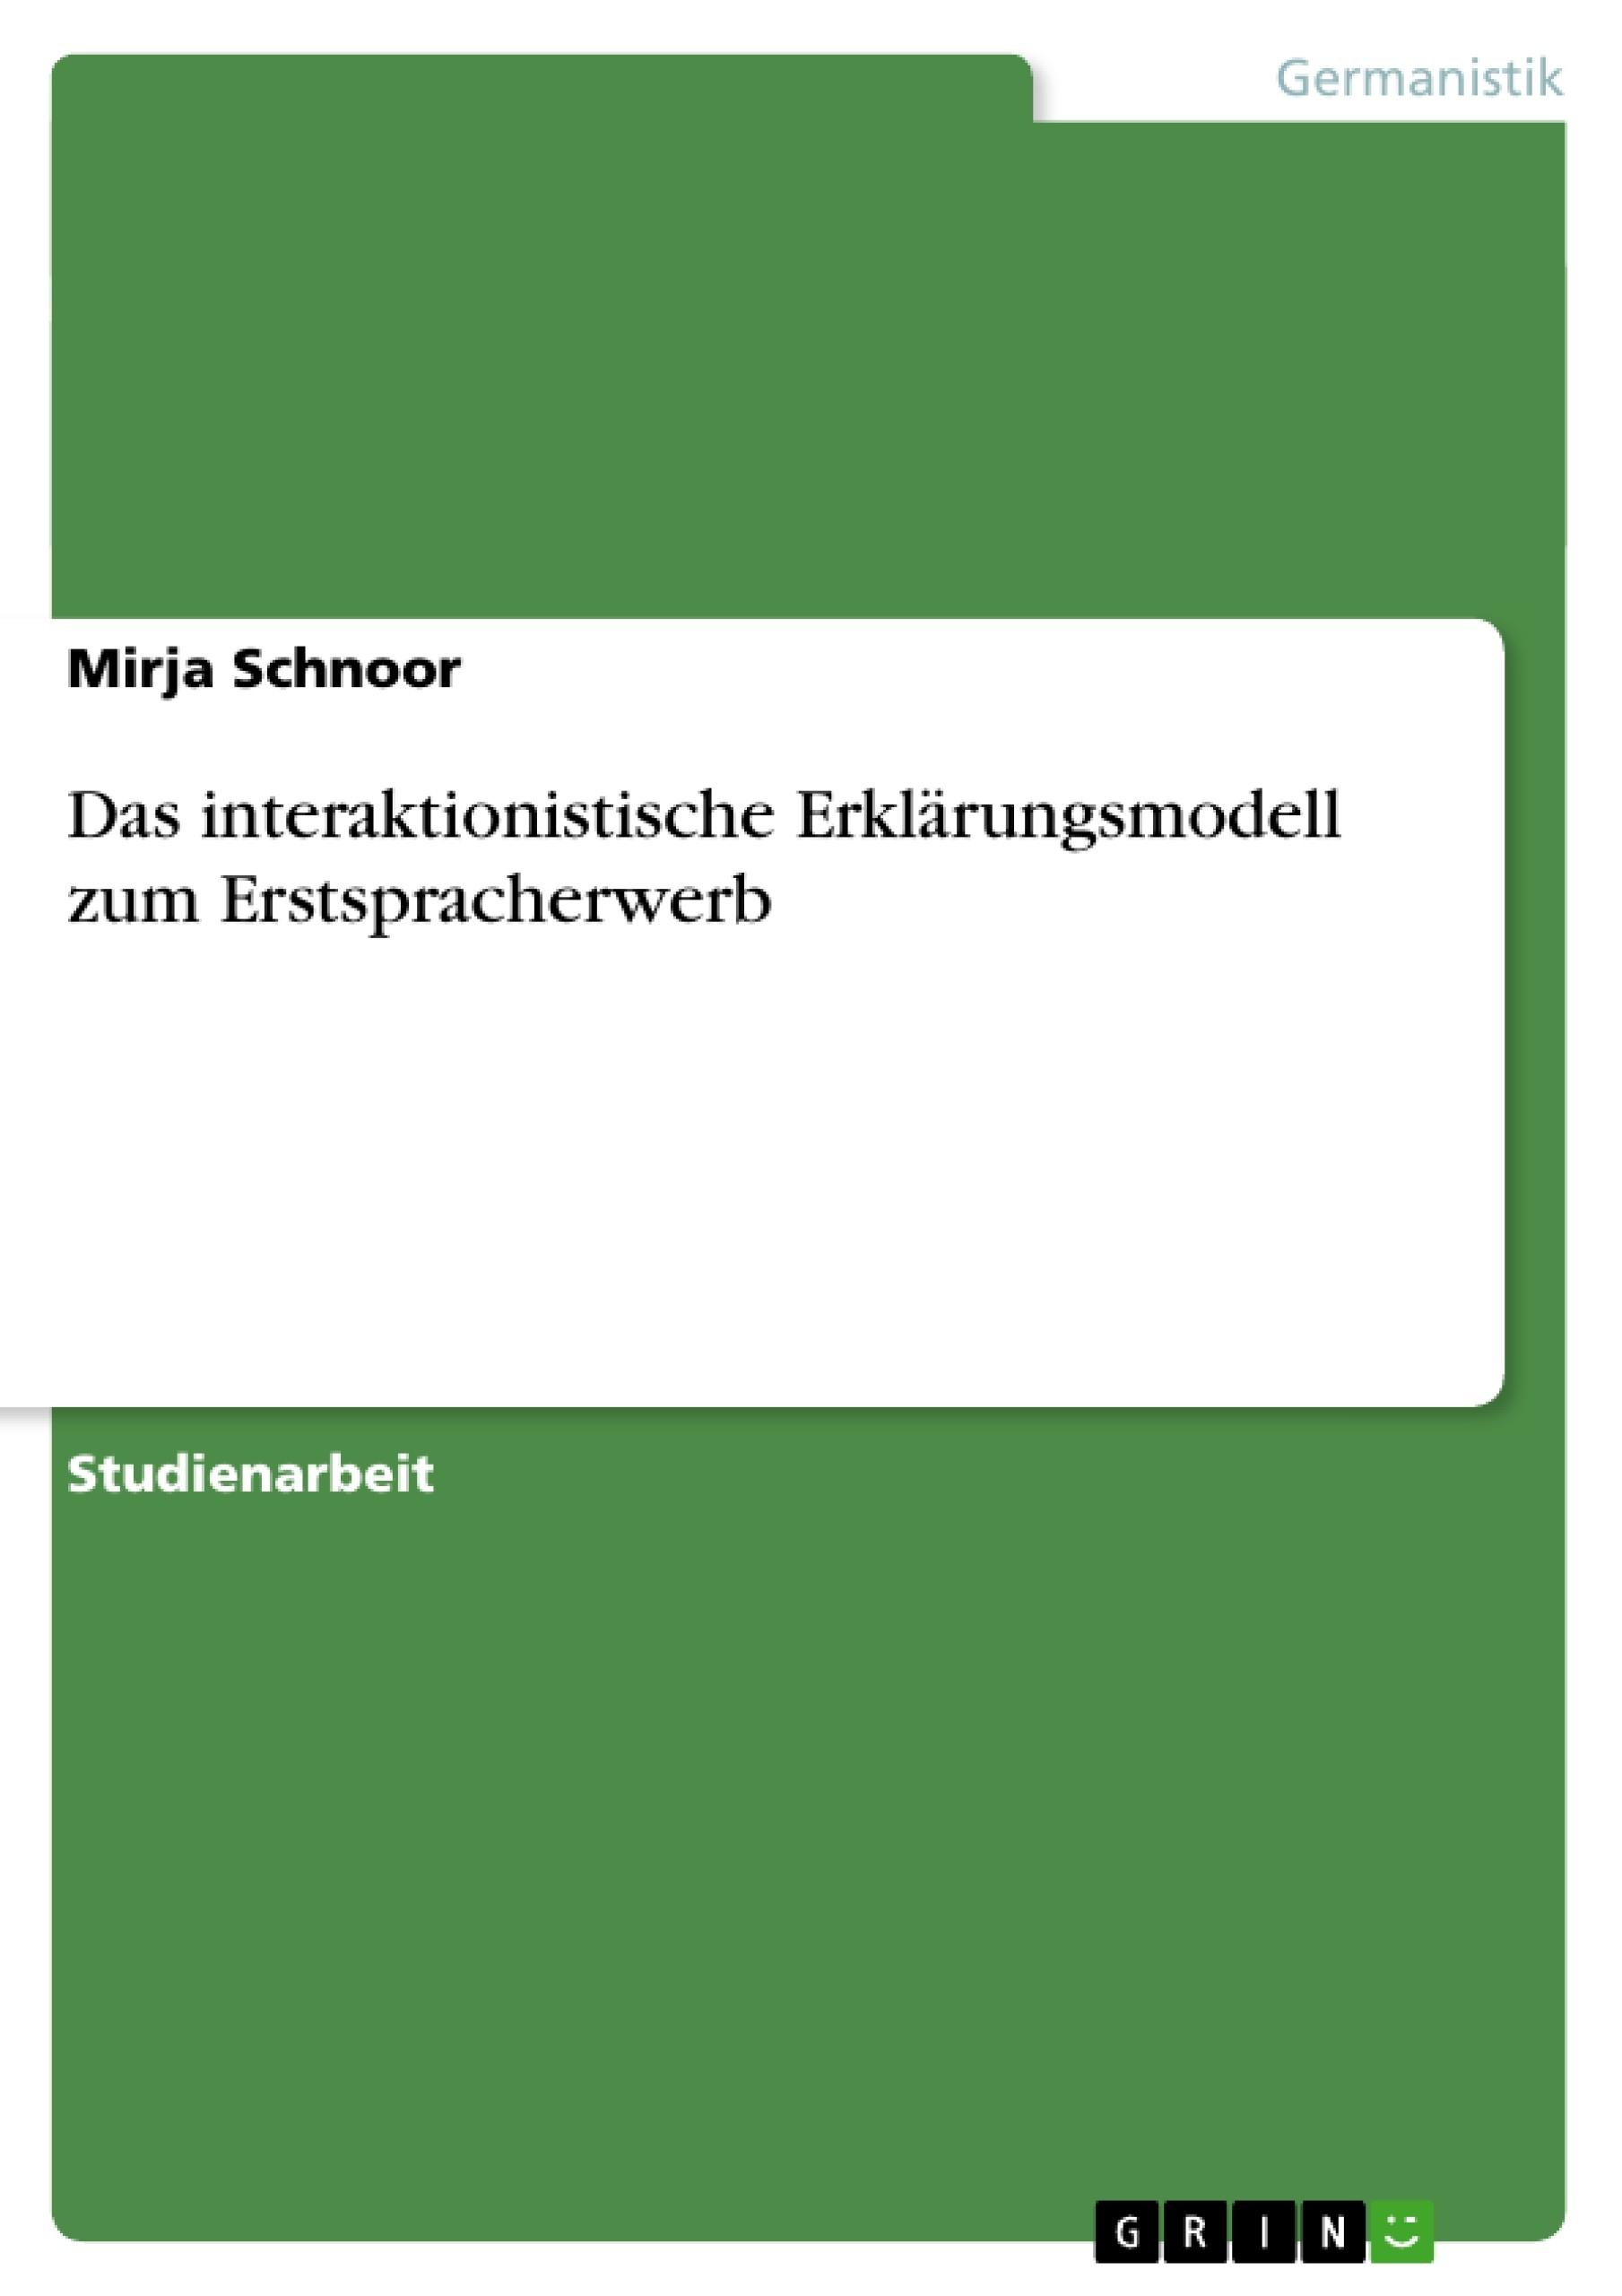 Titel: Das interaktionistische Erklärungsmodell zum Erstspracherwerb